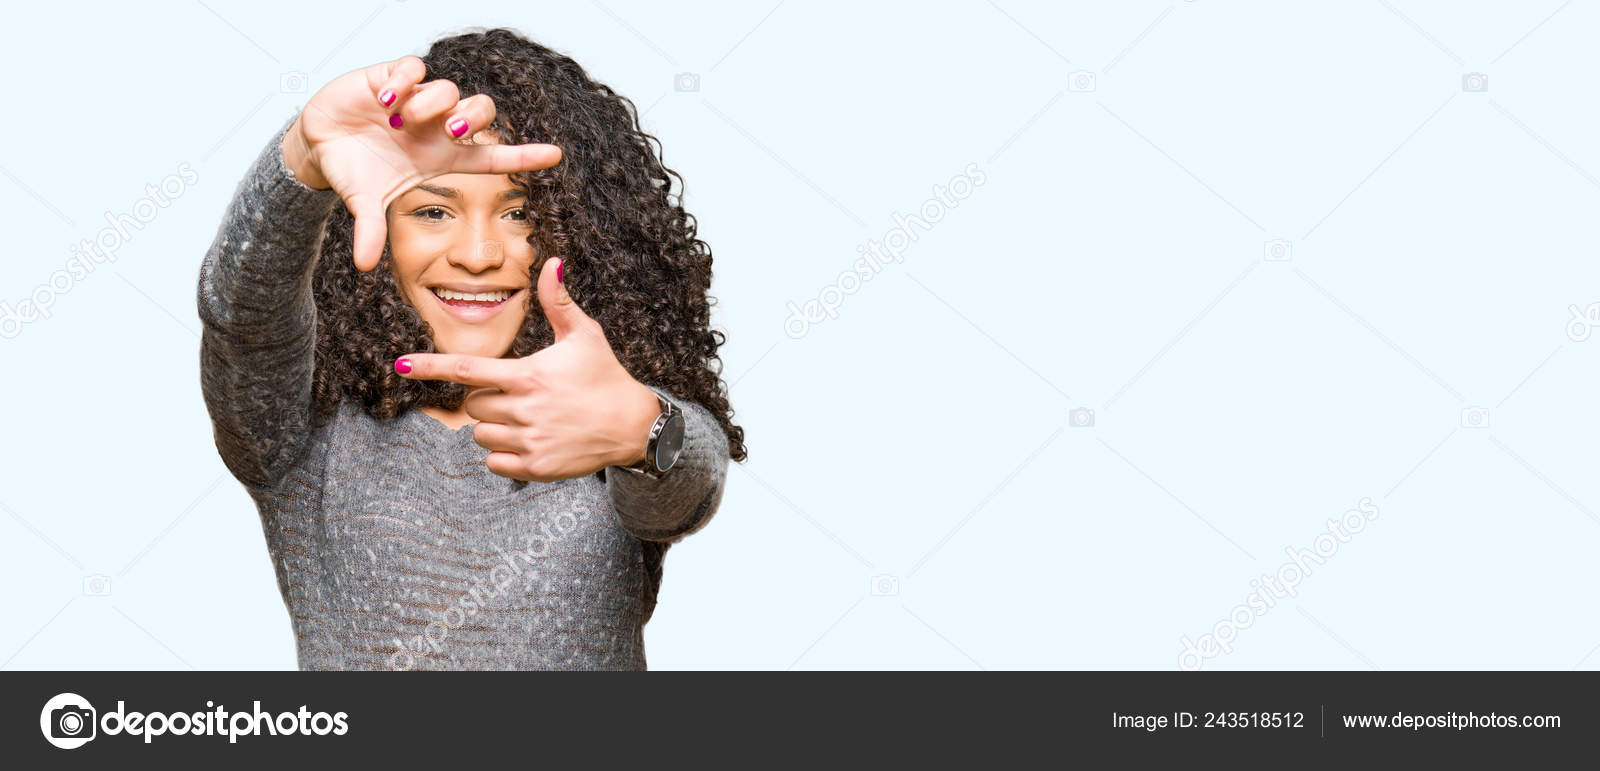 93d351285 Camisola Jovem Mulher Bonita Com Cabelo Encaracolado Vestindo Cinza  Sorrindo — Fotografia de Stock